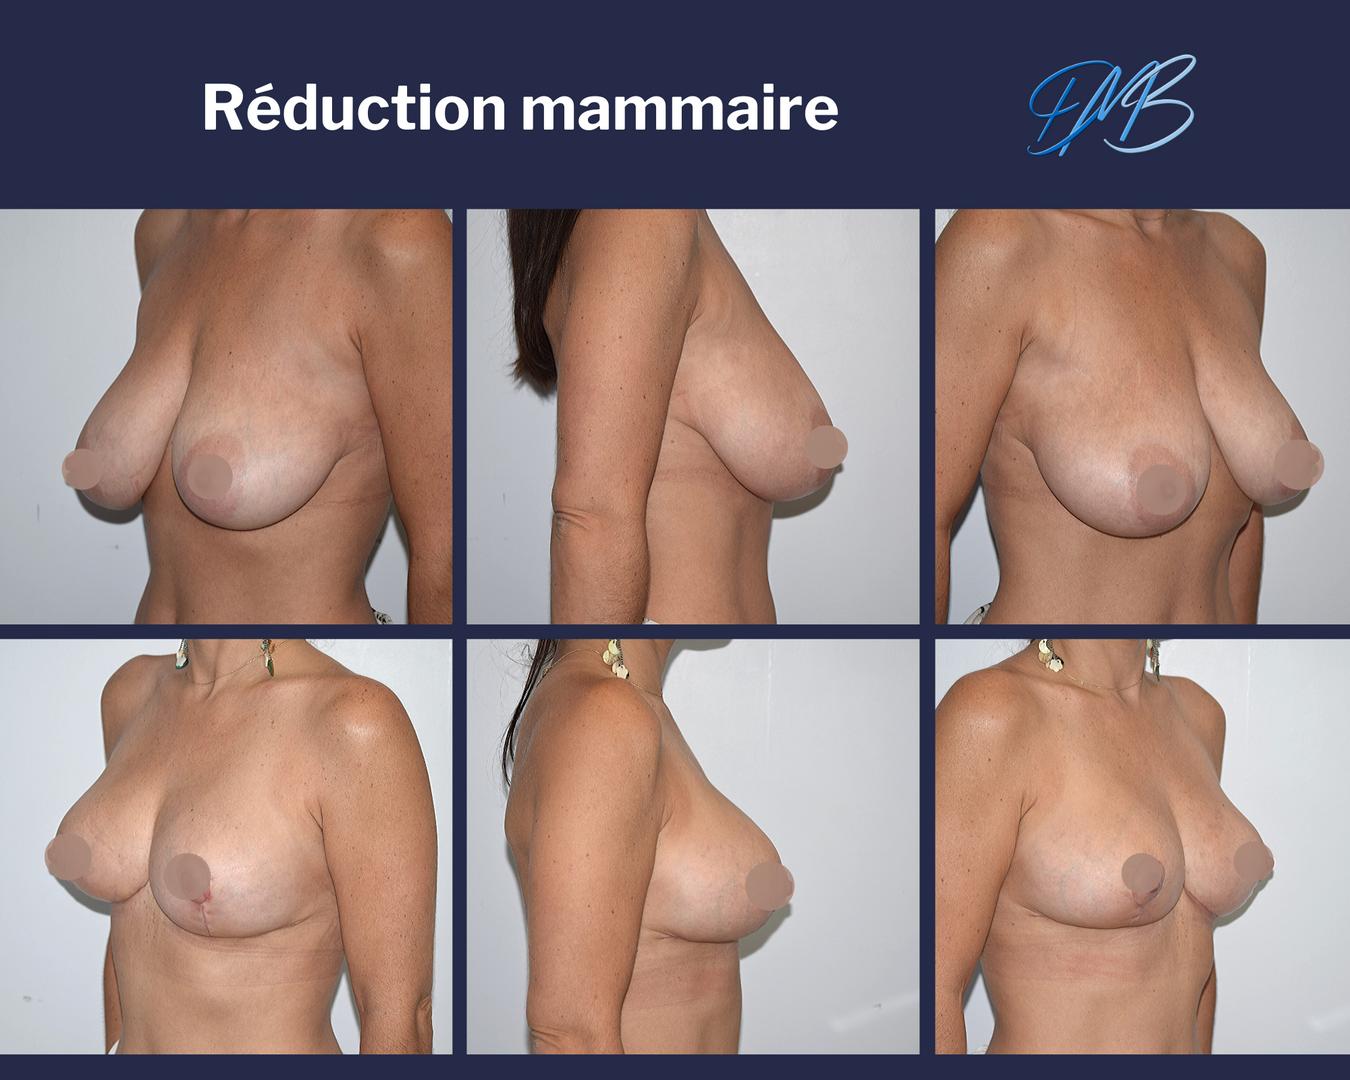 réduction mammaire 8